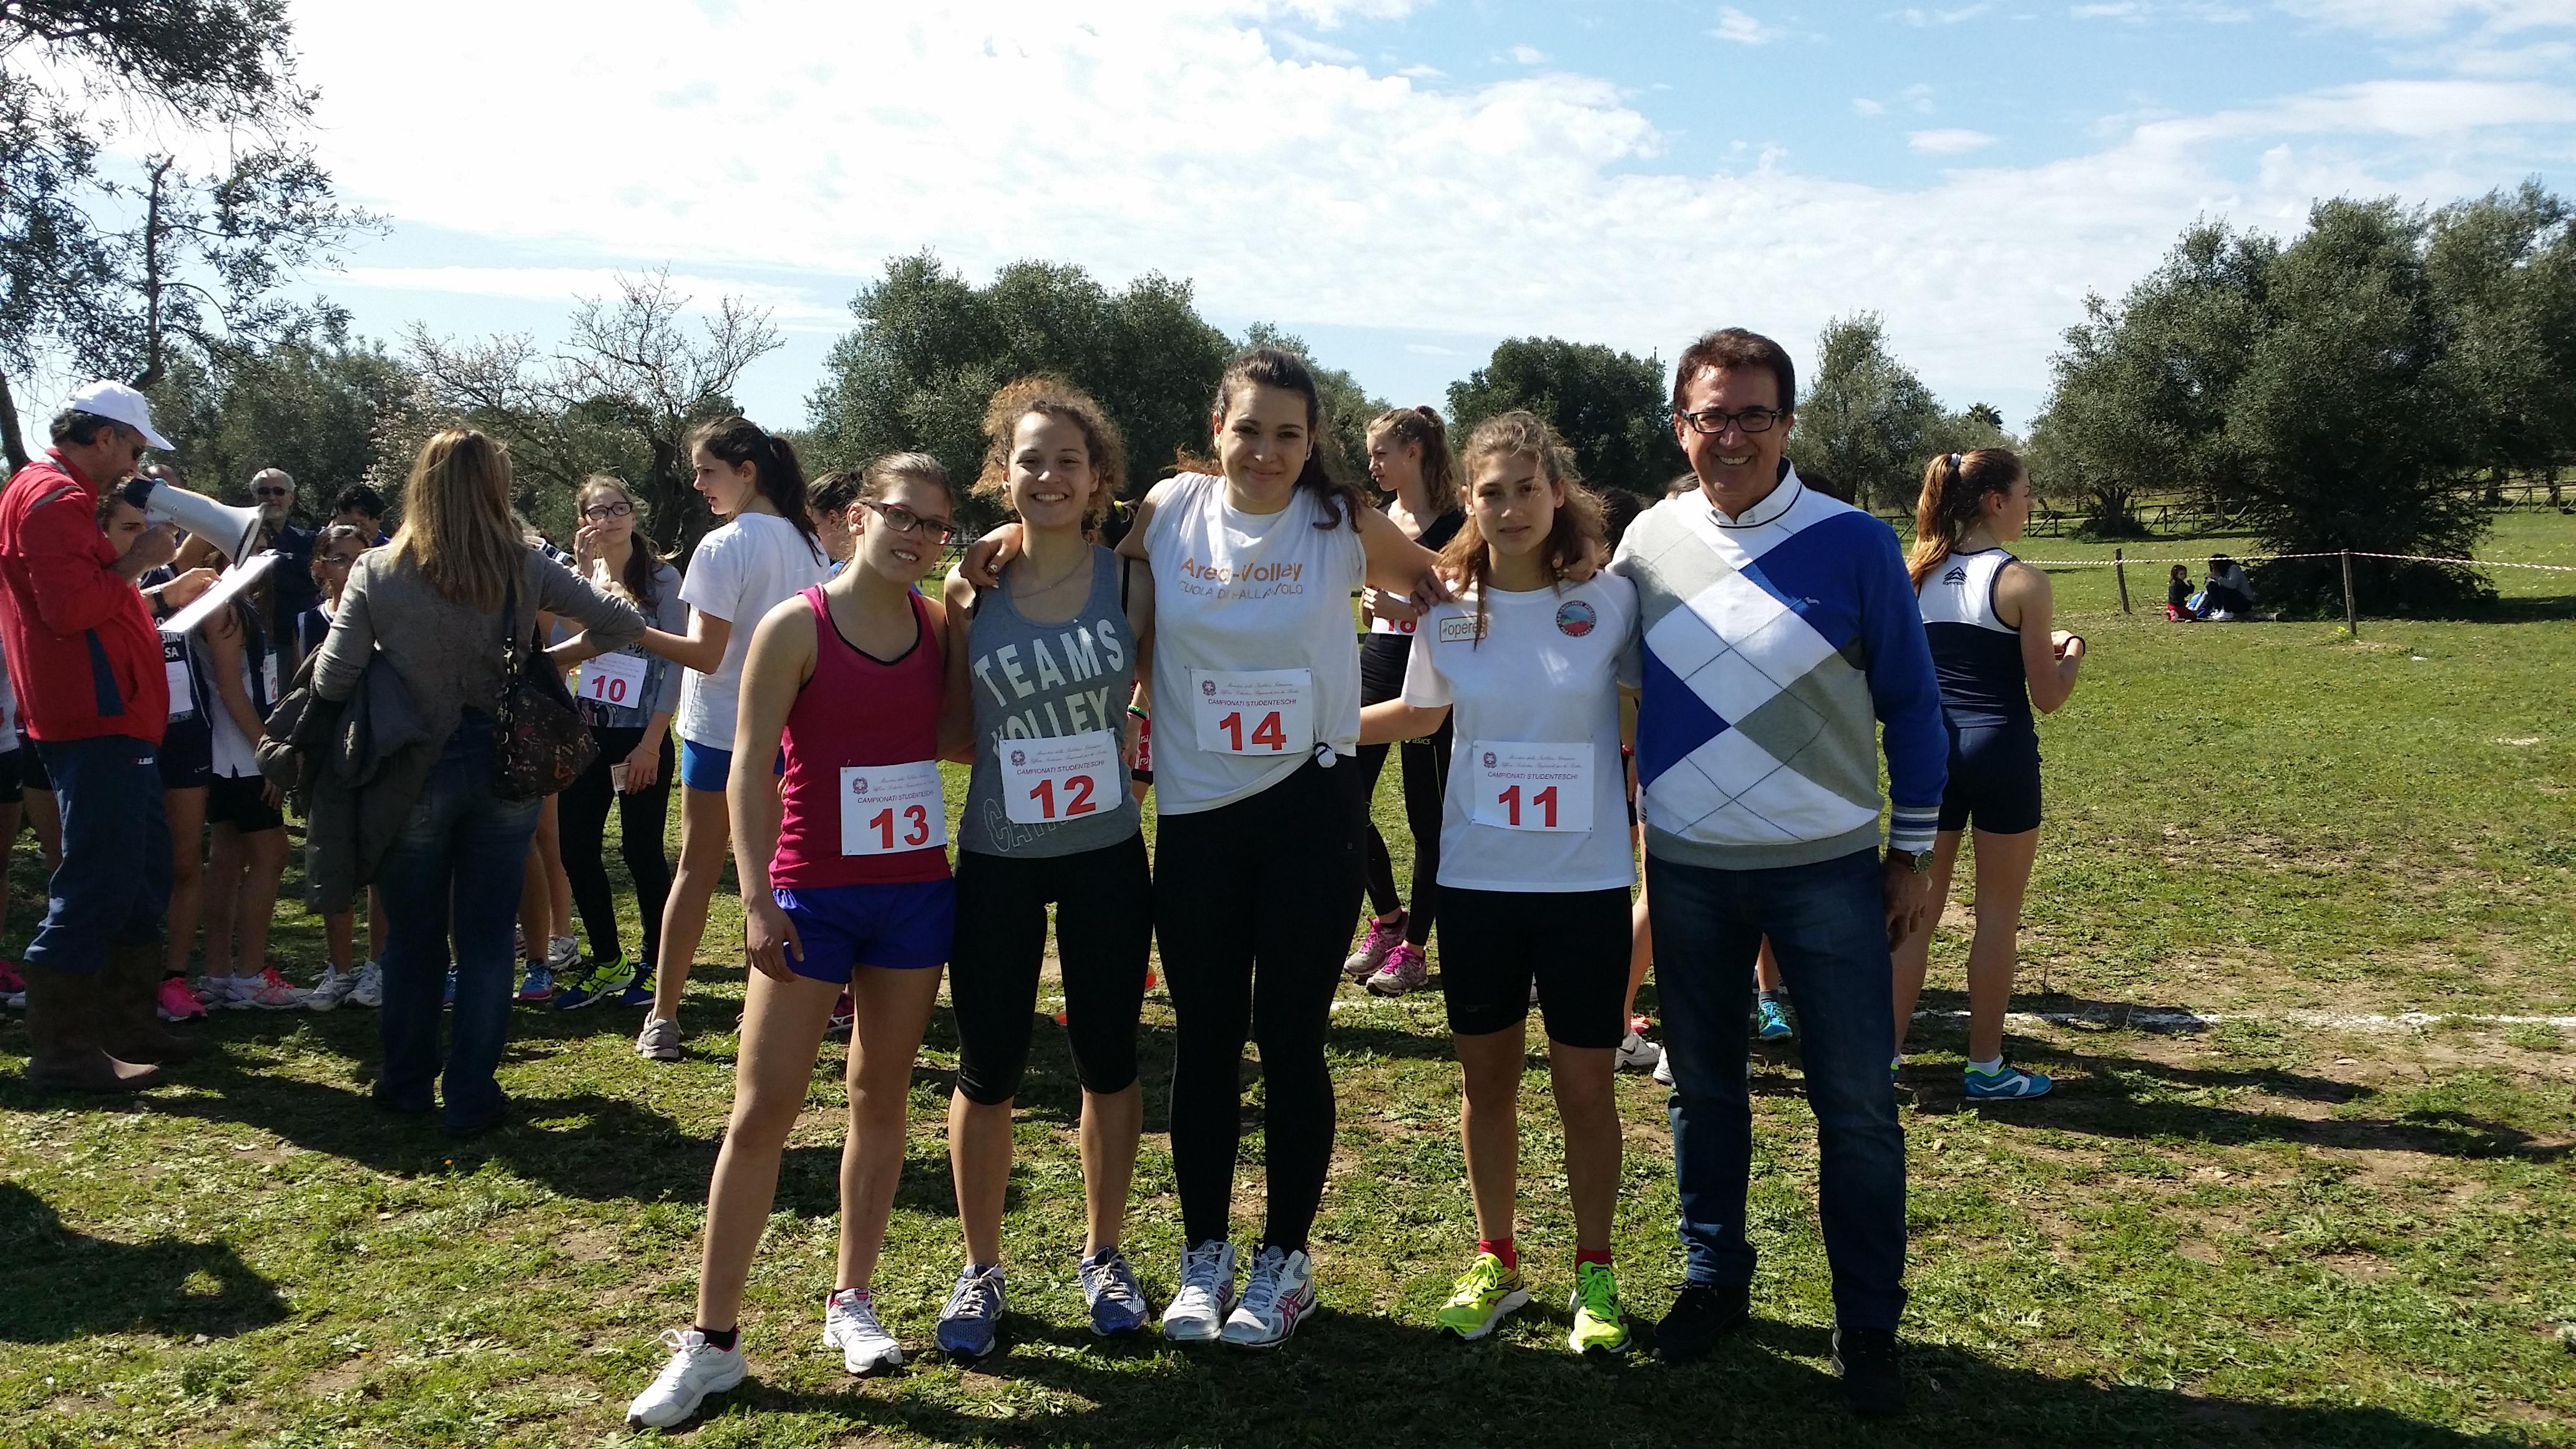 Campionati studenteschi di corsa campestre8